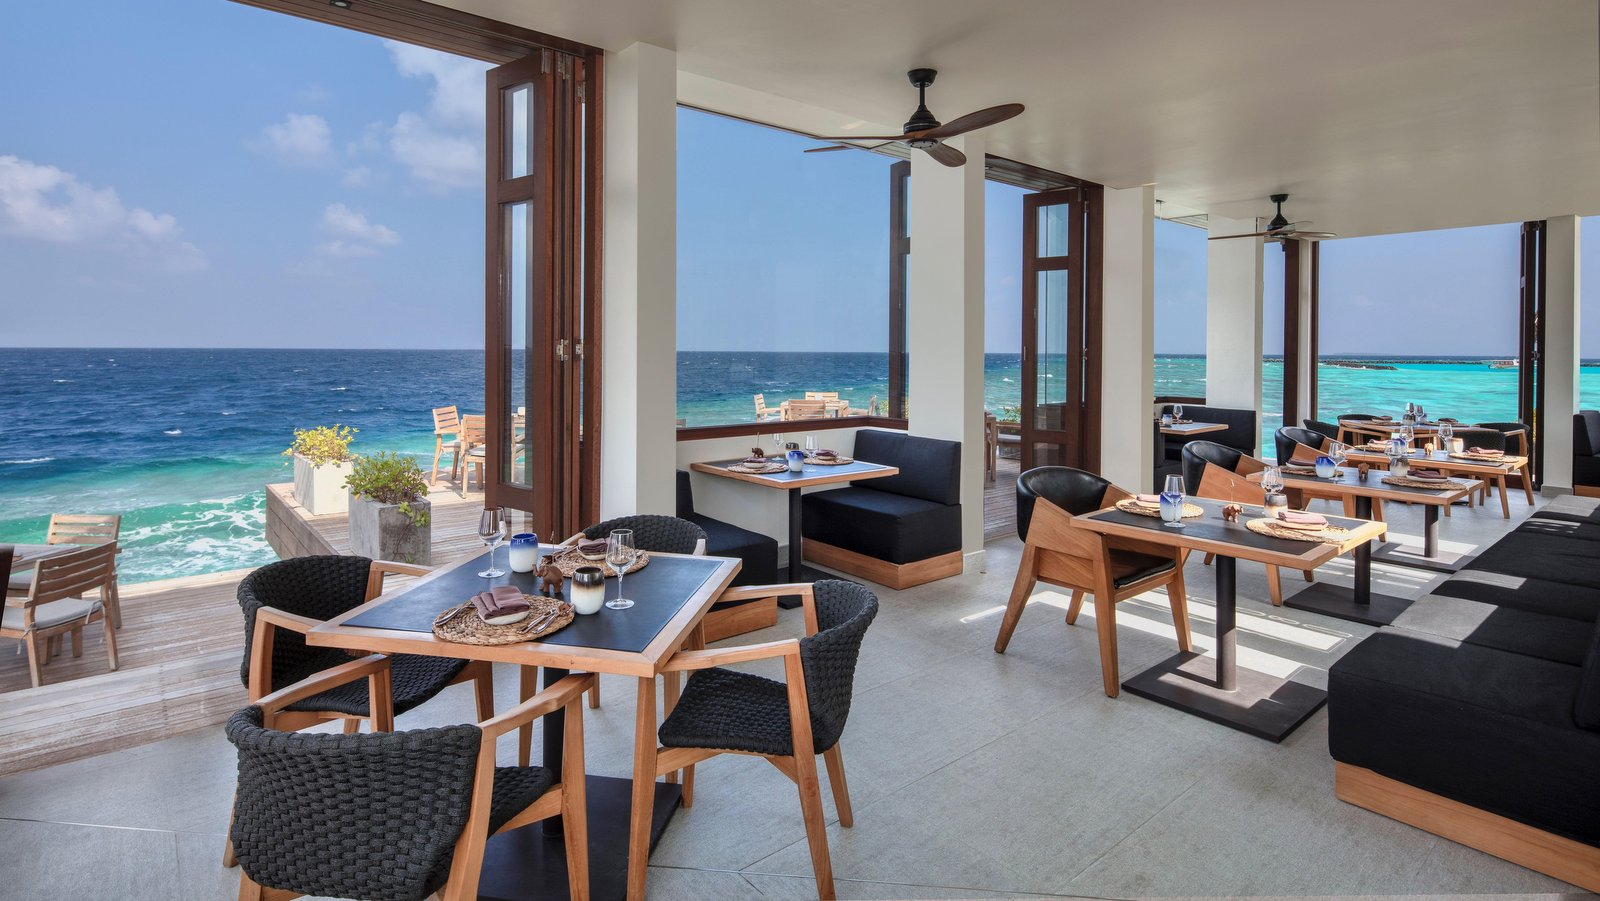 Мальдивы, отель Heritance Aarah, ресторан Ambula